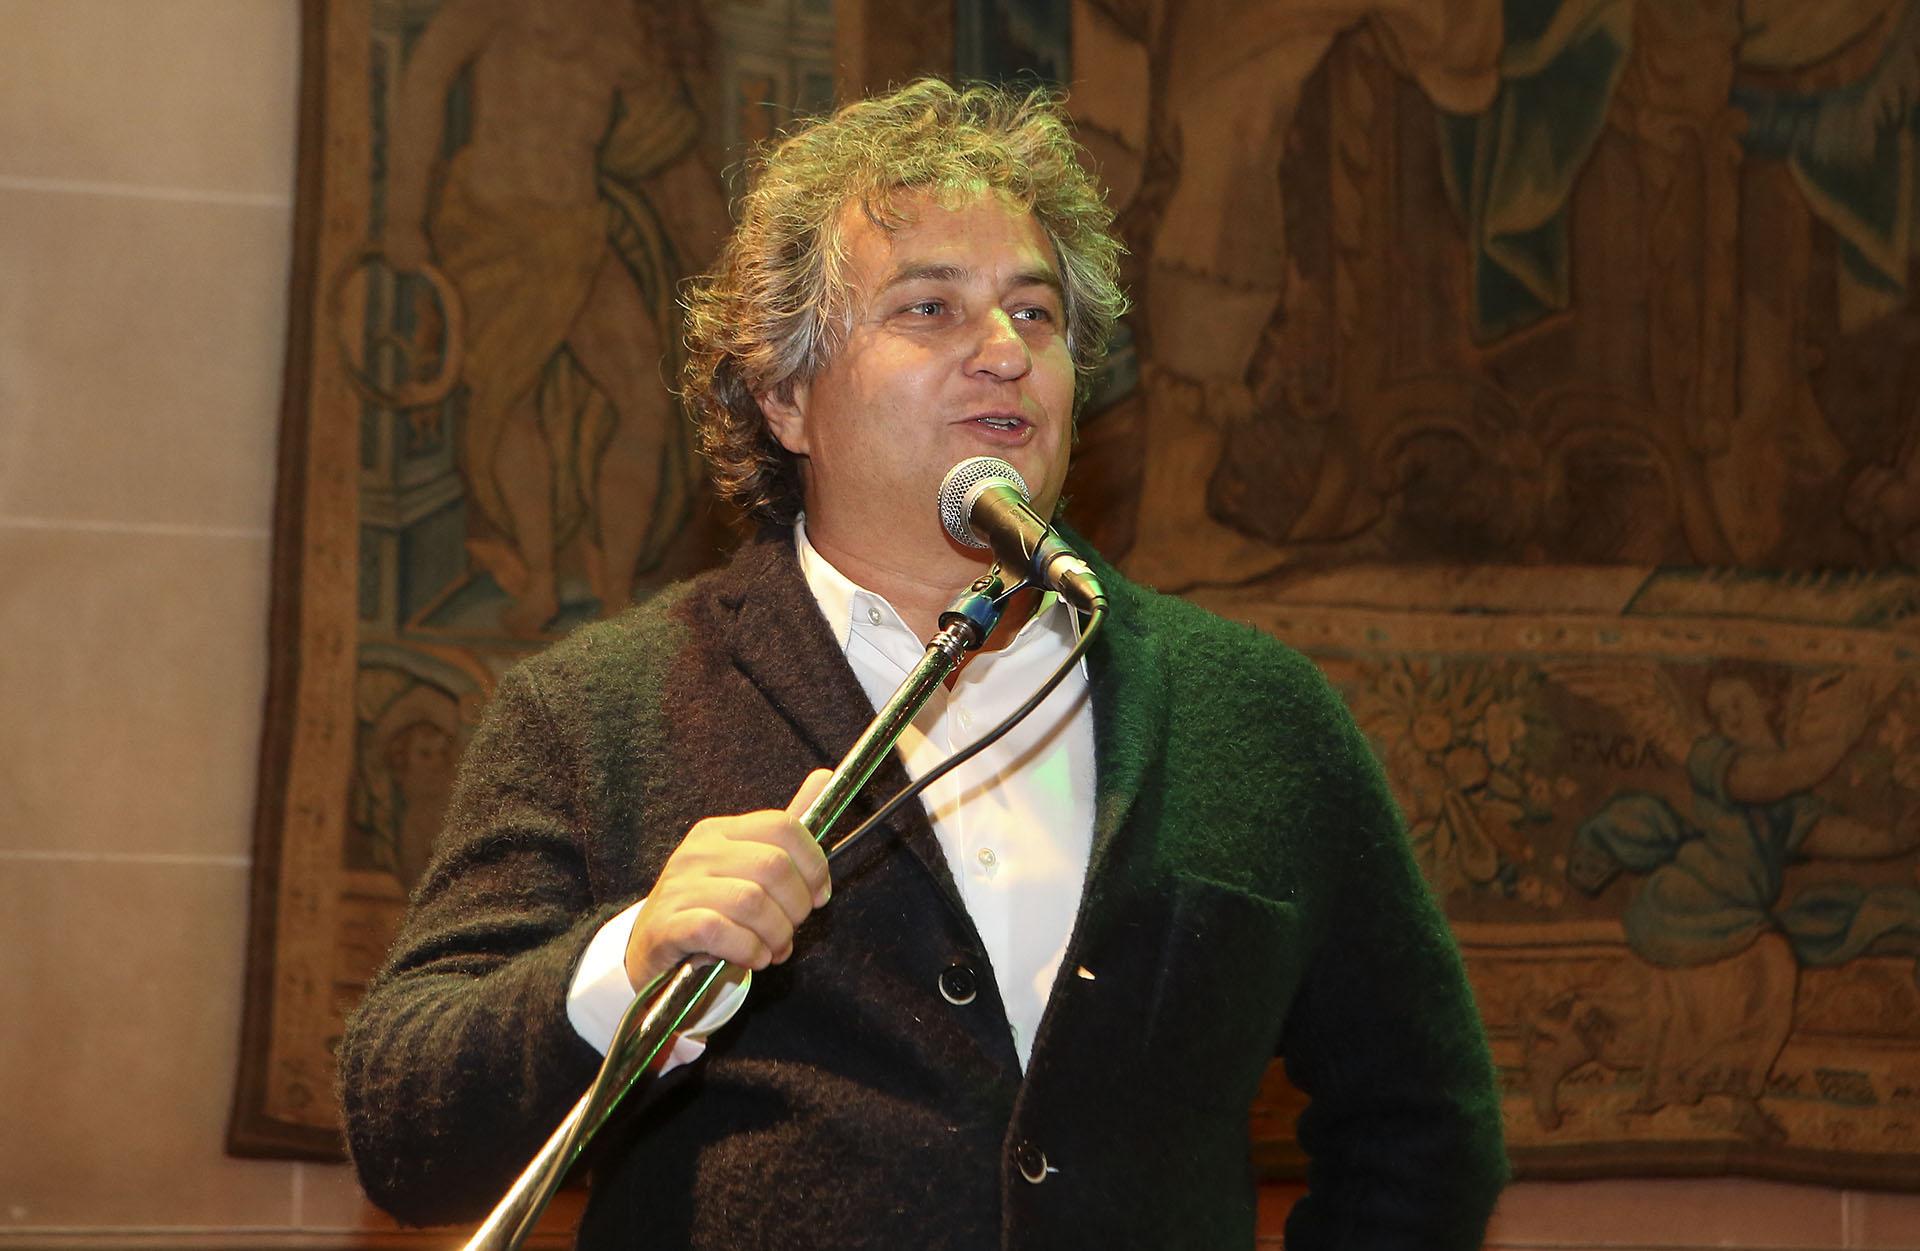 Guibert Englebienne, presidente de Endeavor Argentina. El 13 de junio en la Usina del Arte, Endeavor realizará una nueva edición del evento que capacita a personas, que buscan crear y hacer crecer sus propios proyectos. Charlas de inspiración, talleres y mucho networking